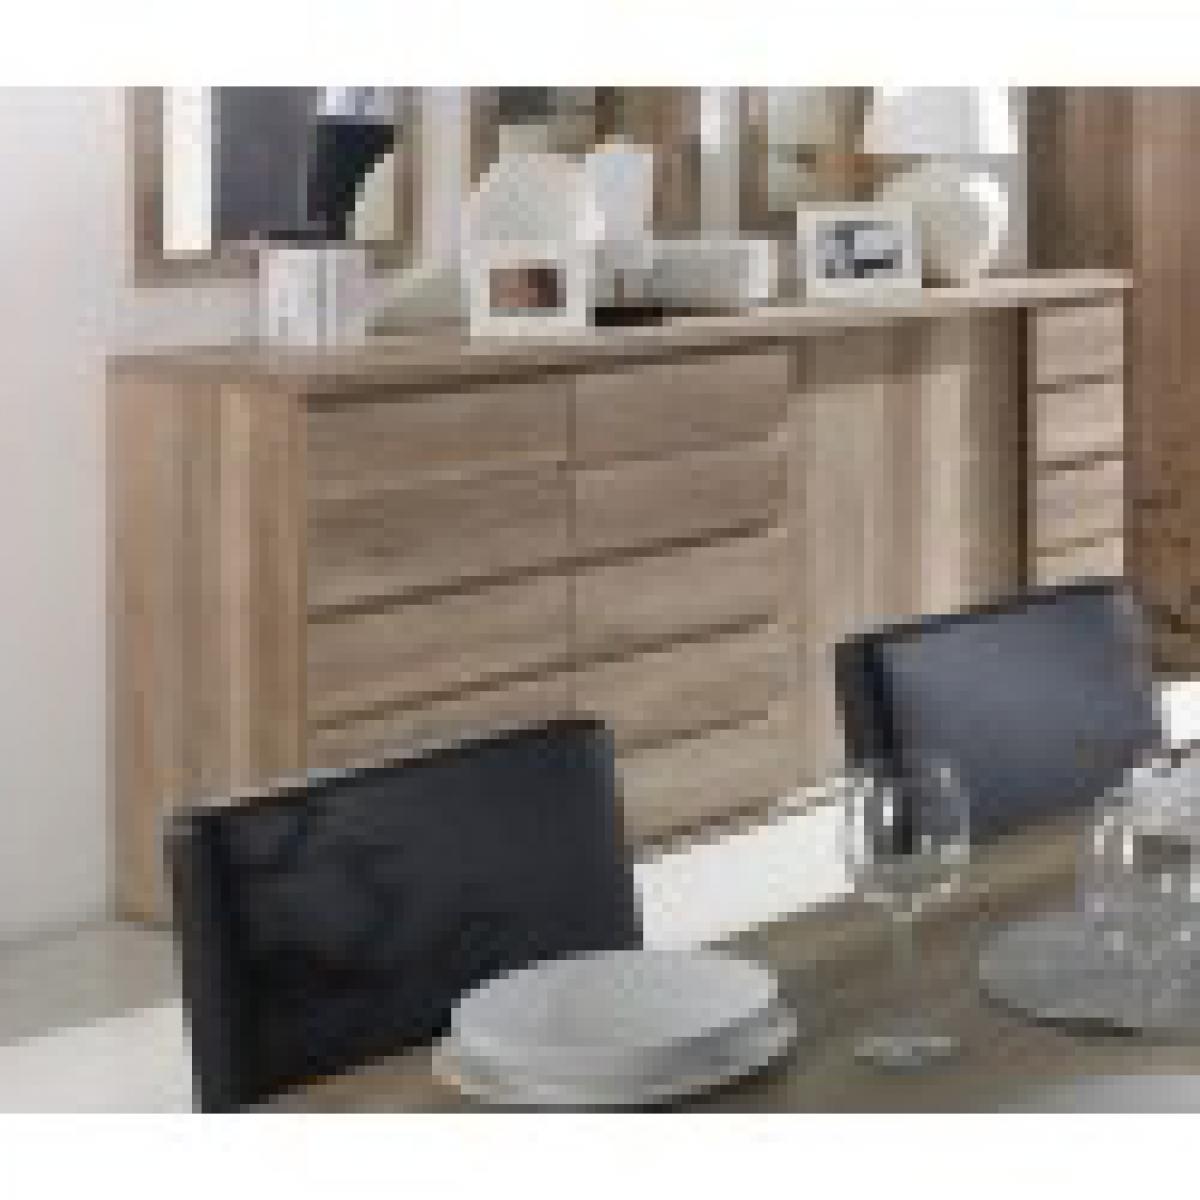 meublorama Buffet, bahut ROMI 3 portes coulissantes coloris chêne dab canyon. Meuble design idéal pour votre salle à manger